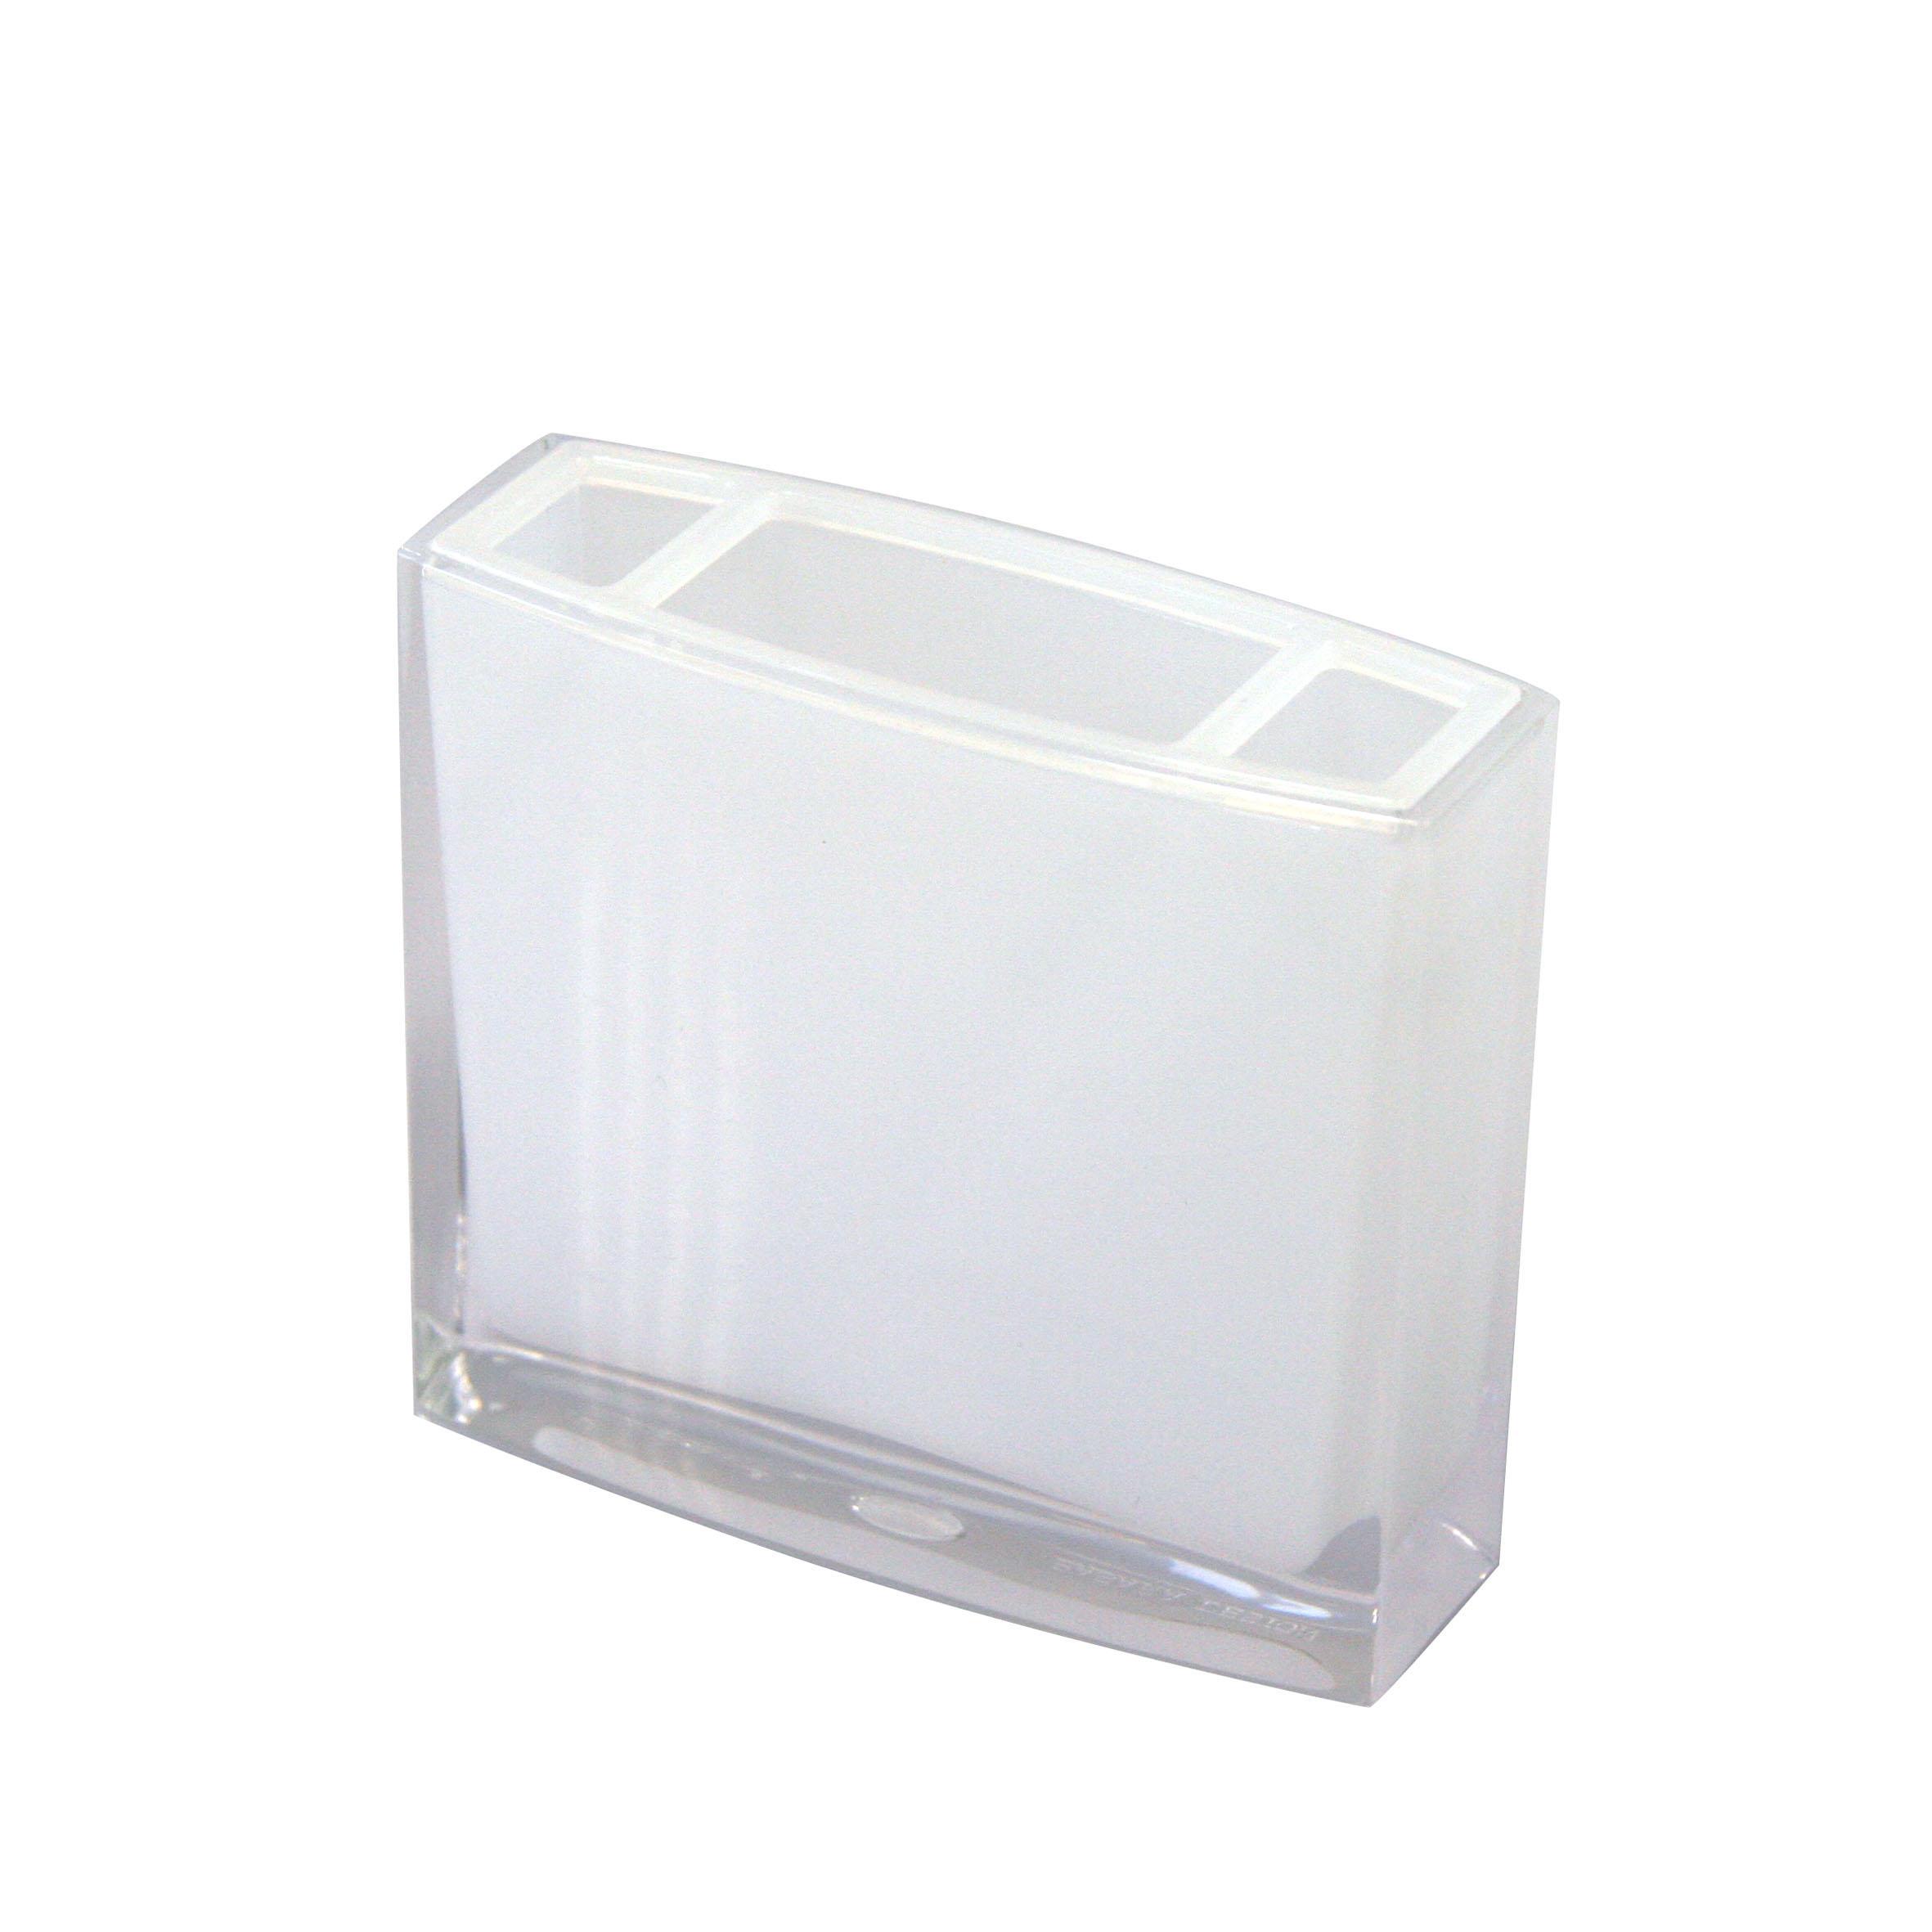 """Стакан для зубных щеток Axentia """"Priamos"""", цвет: белый, высота 10,5 см"""